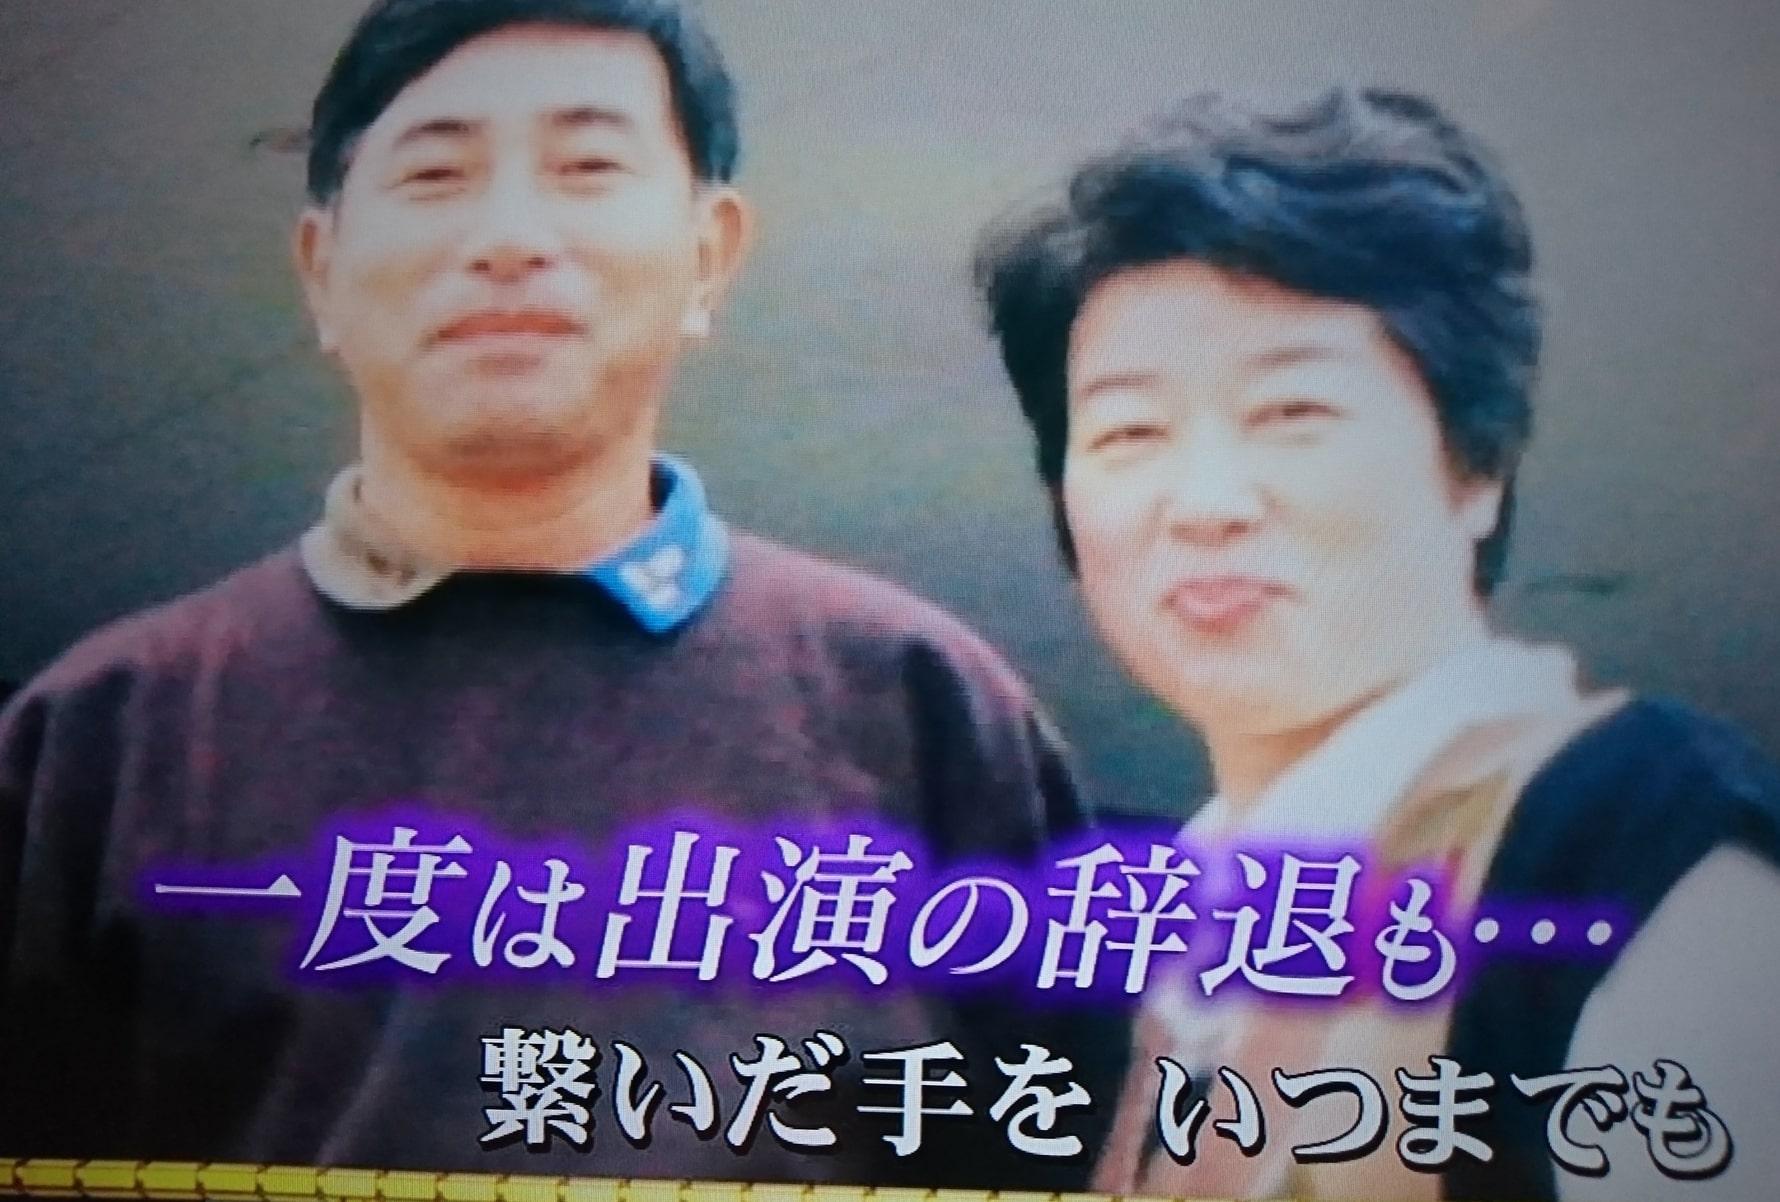 おじさん歌姫の出身地と職業